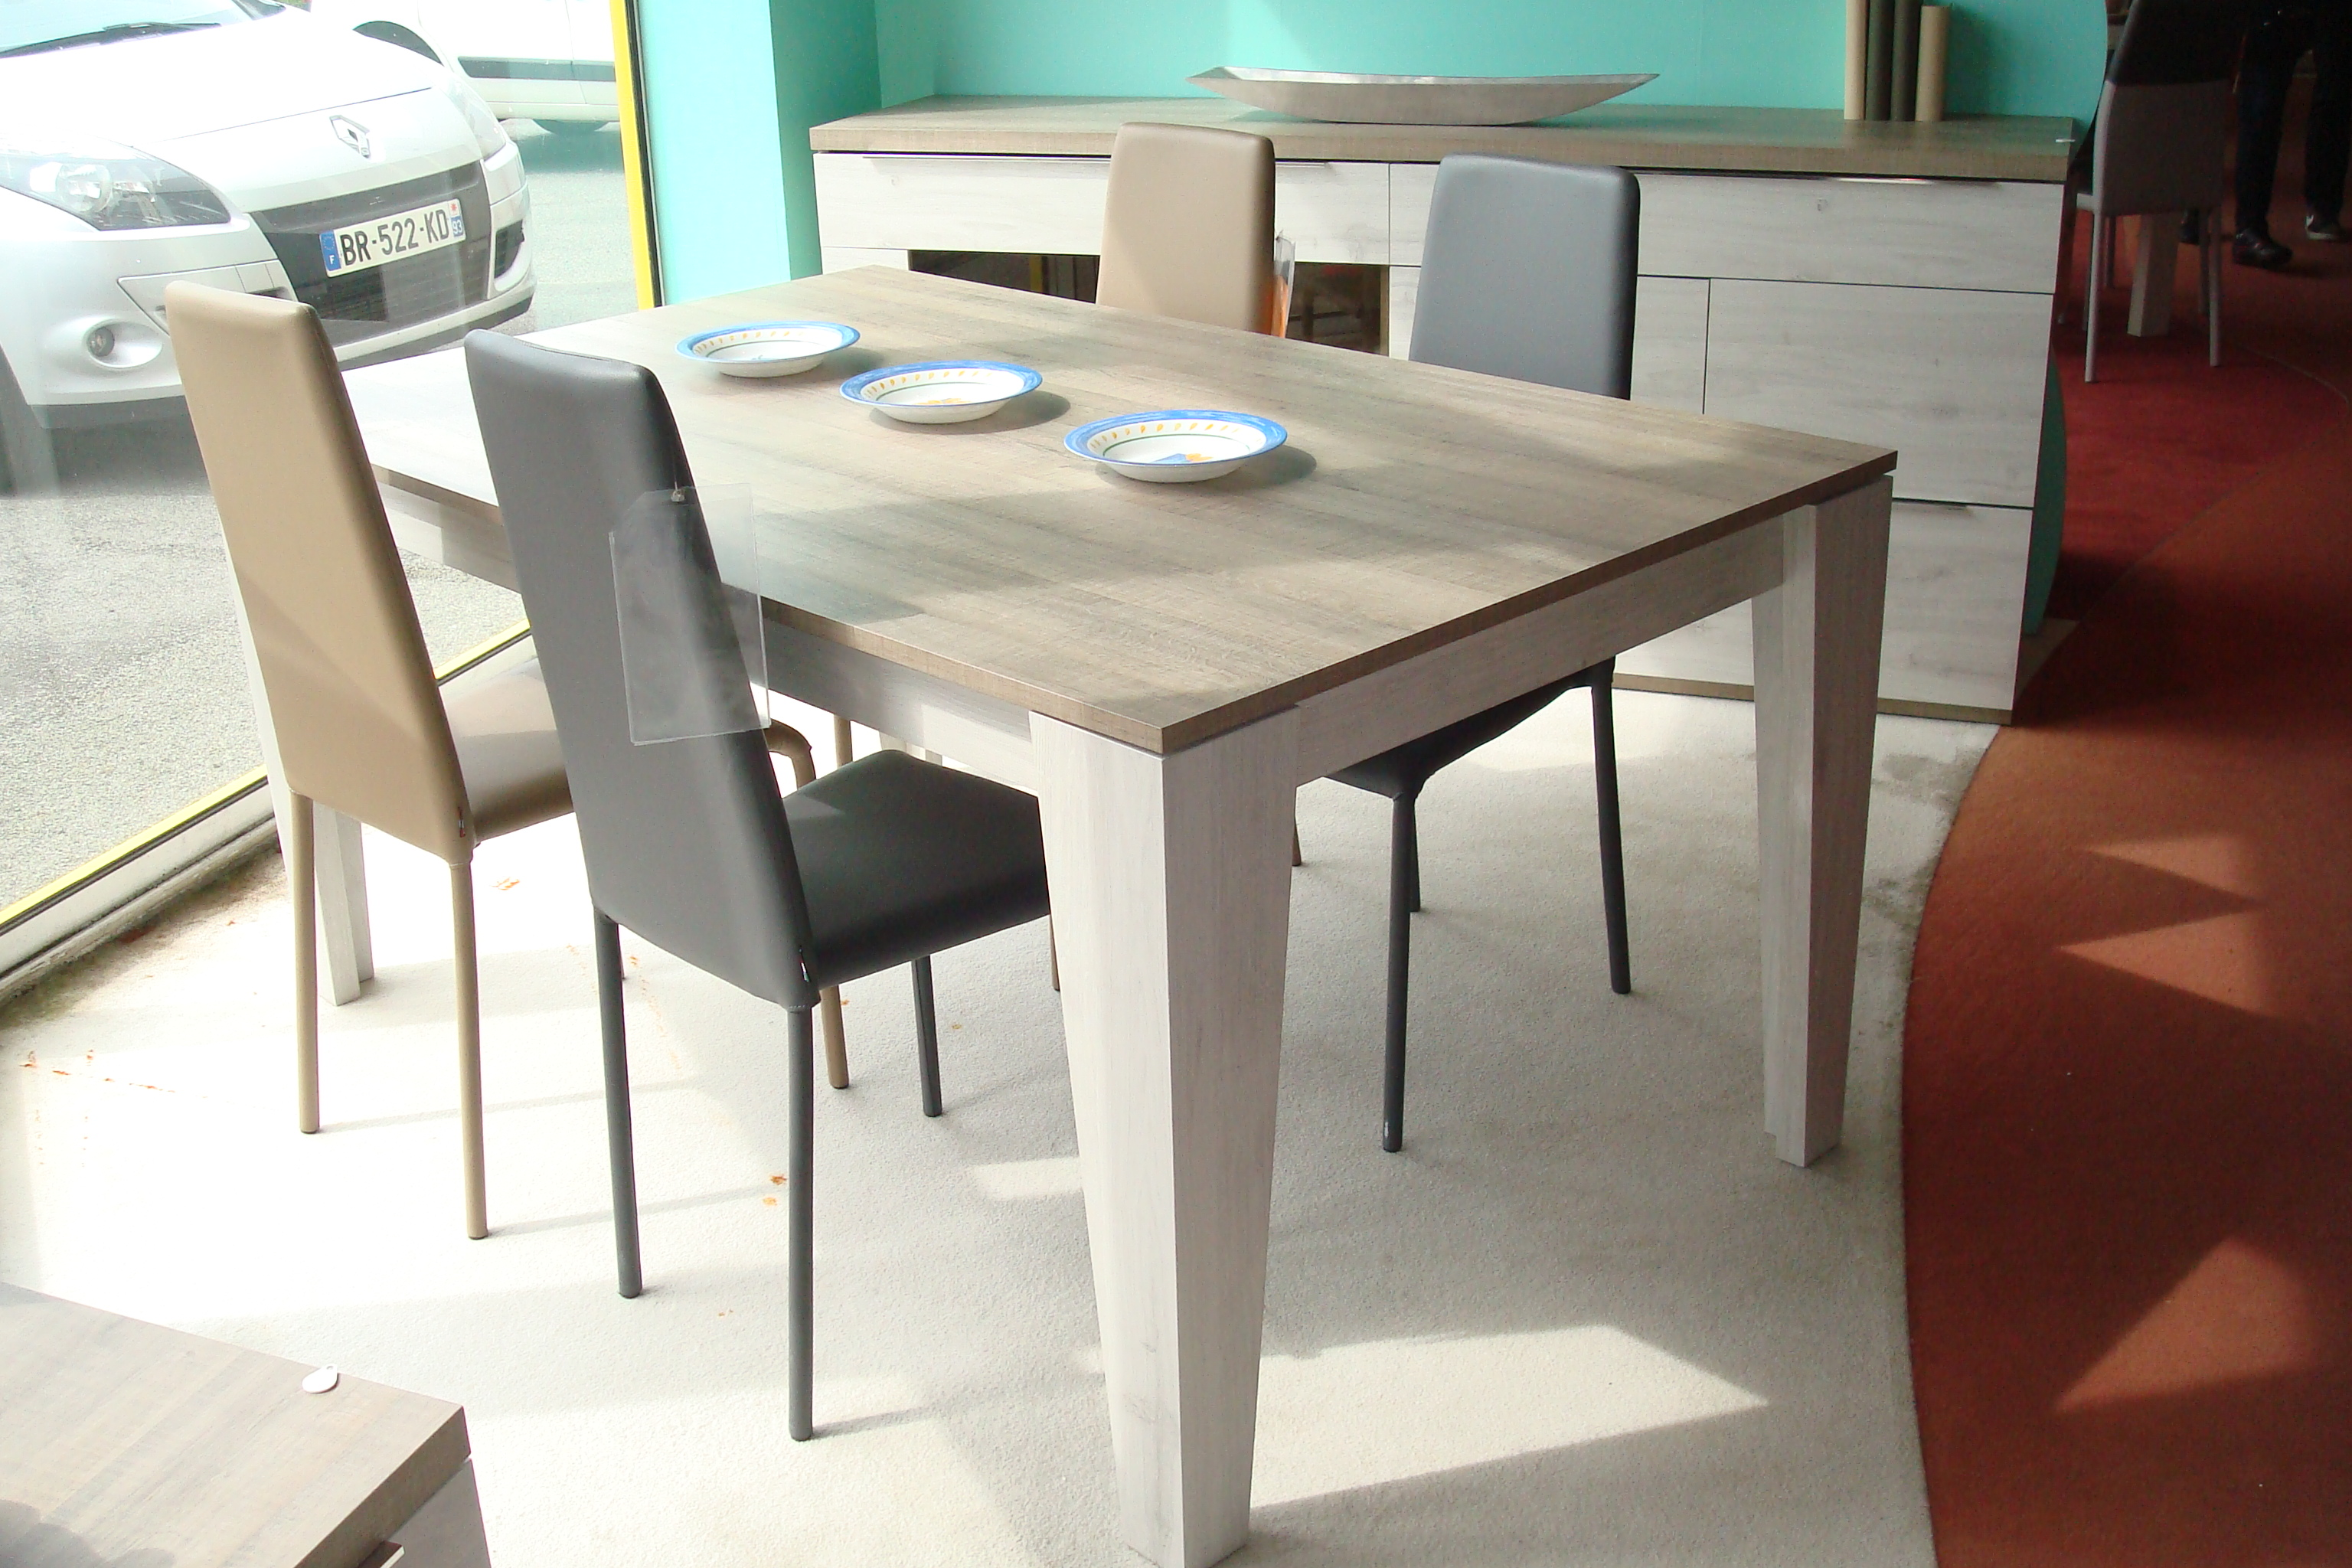 Table Rectangulaire Avec 1 Allonge Porte Feuille De 70 CmLarge Choix Dans La Gamme En Tables Et PietementsDimensions 160 X 77 100 Decor